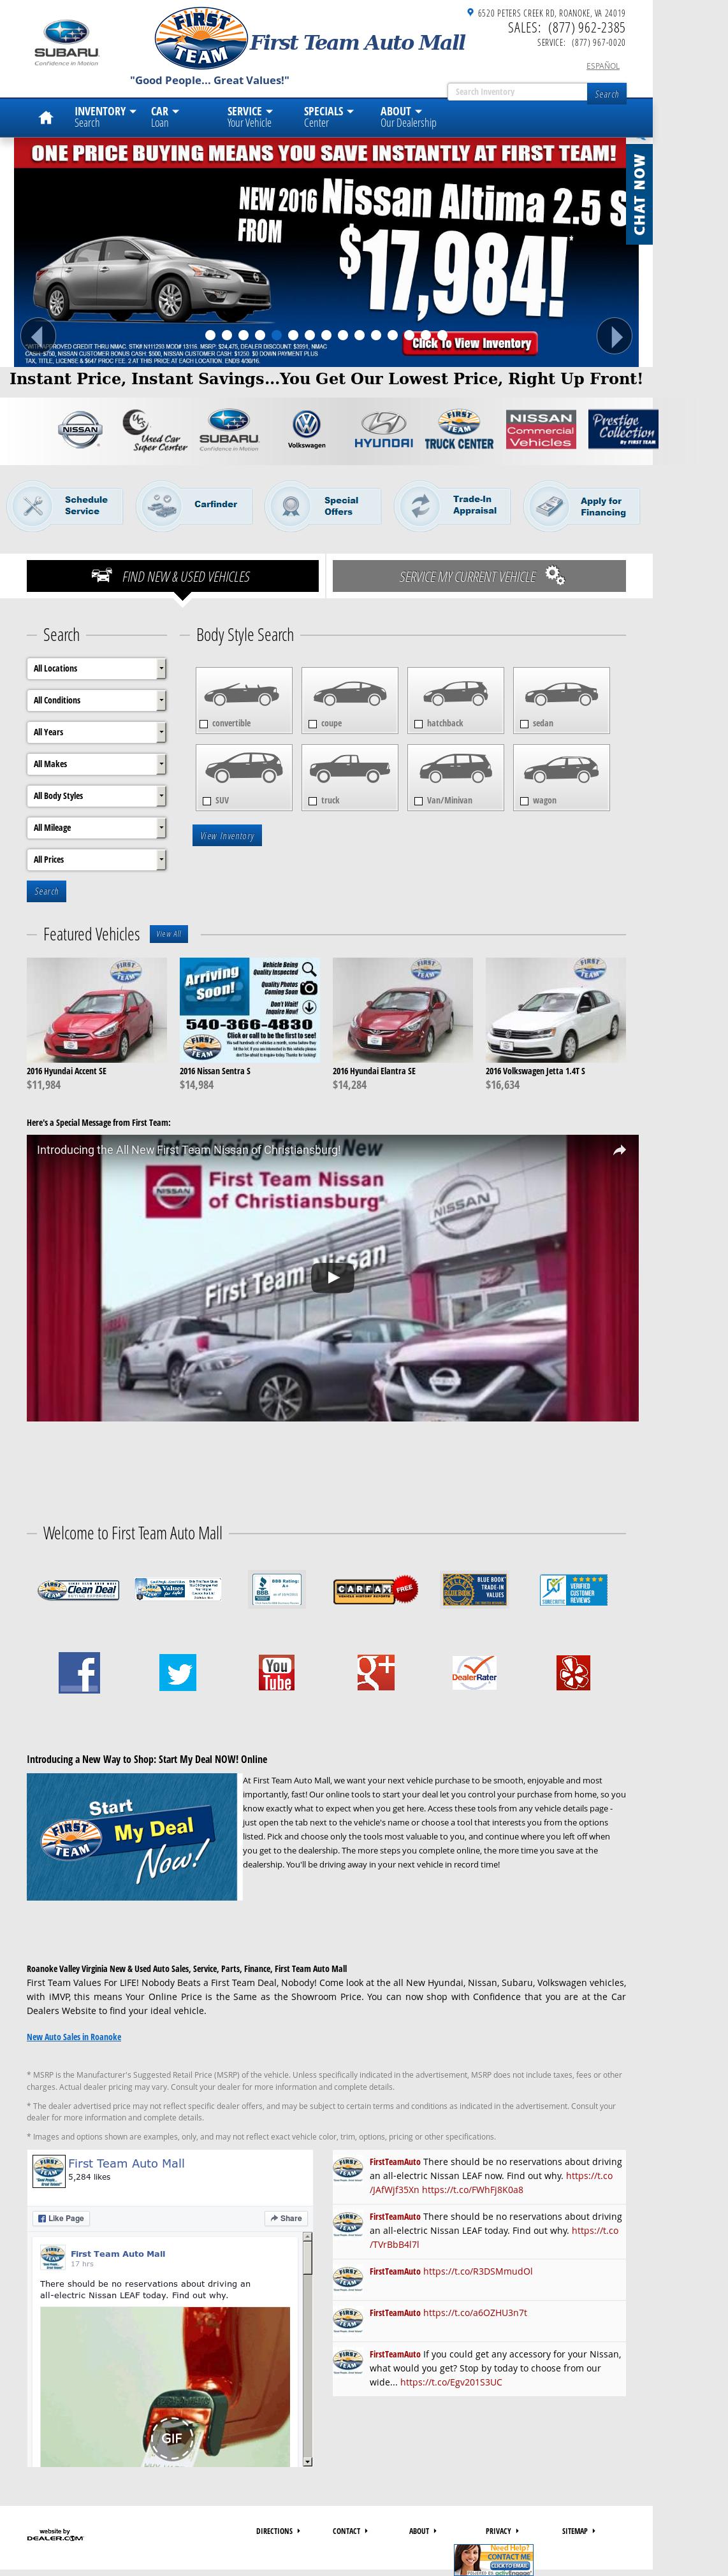 First Team Auto Mall >> First Team Auto Mall Hyundai Competitors Revenue And